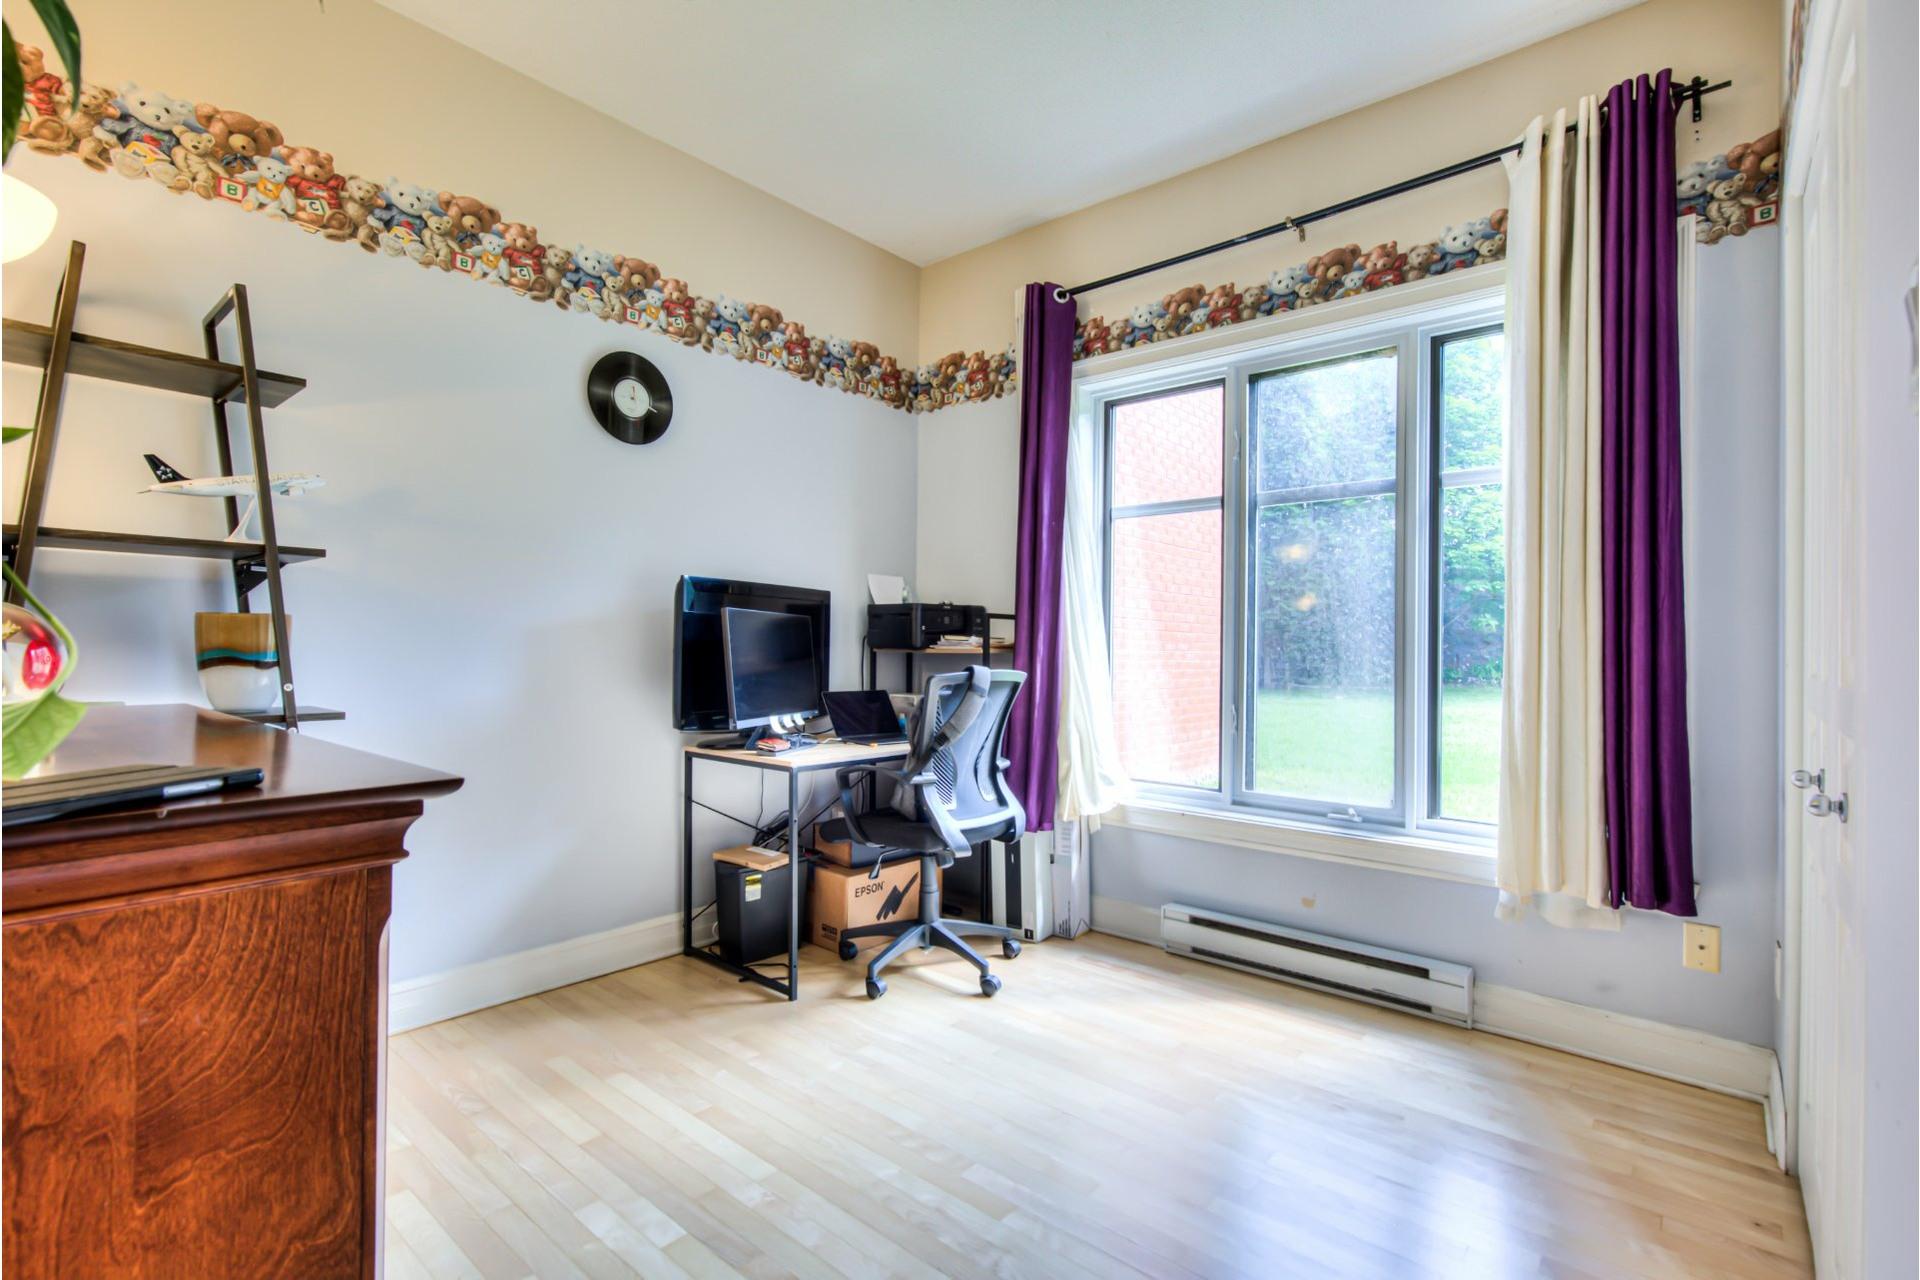 image 12 - Appartement À vendre Saint-Laurent Montréal  - 7 pièces